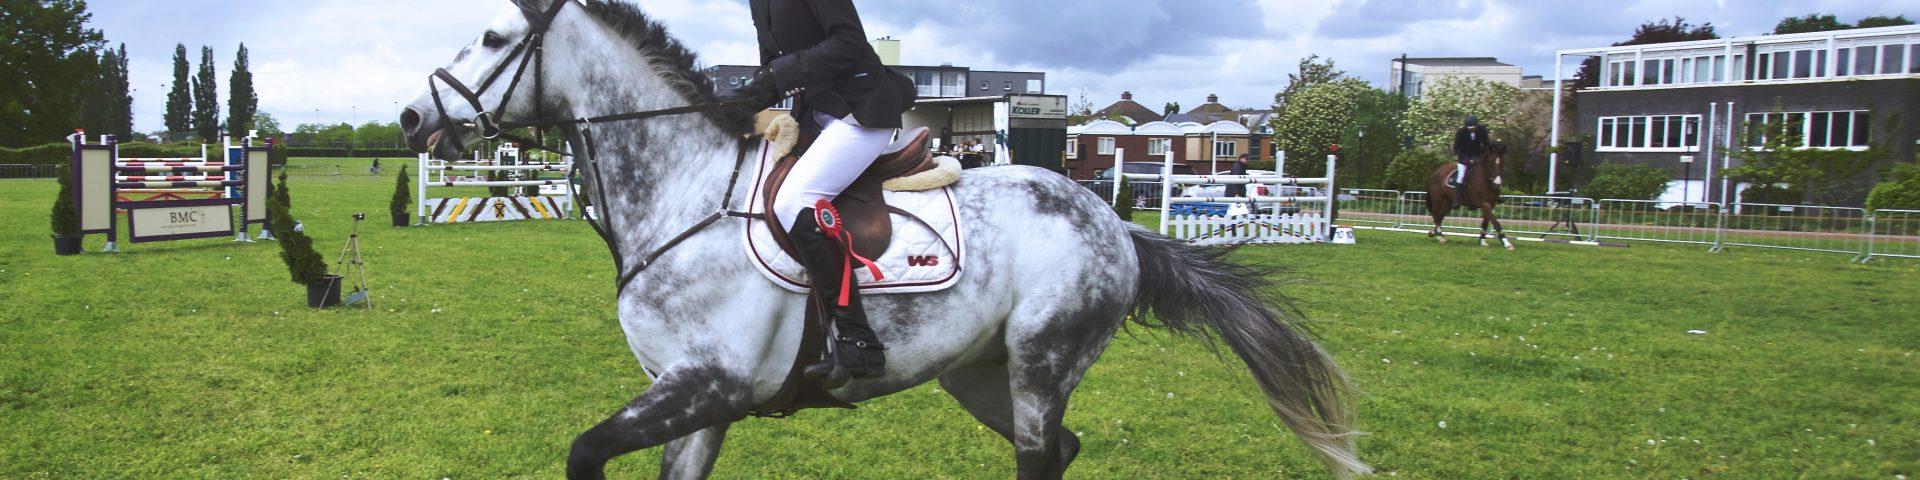 Dlaczego warto wybrać jeździectwo konne?